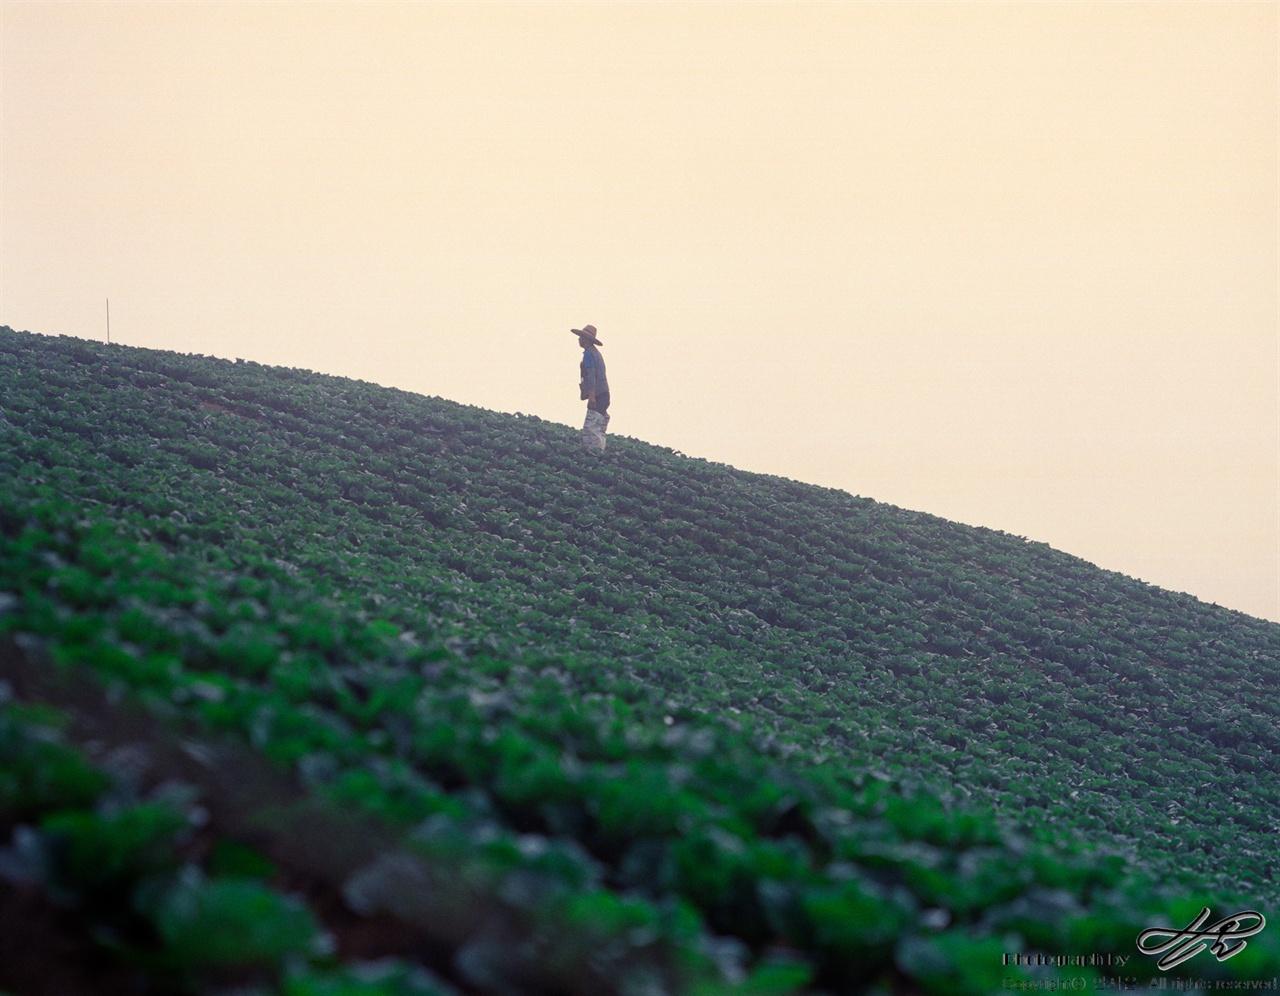 배추밭과 사람 (Pro400H)아침햇살이 직사광선으로 내리쬐기 직전 성실한 농부의 실루엣이 아름답다.